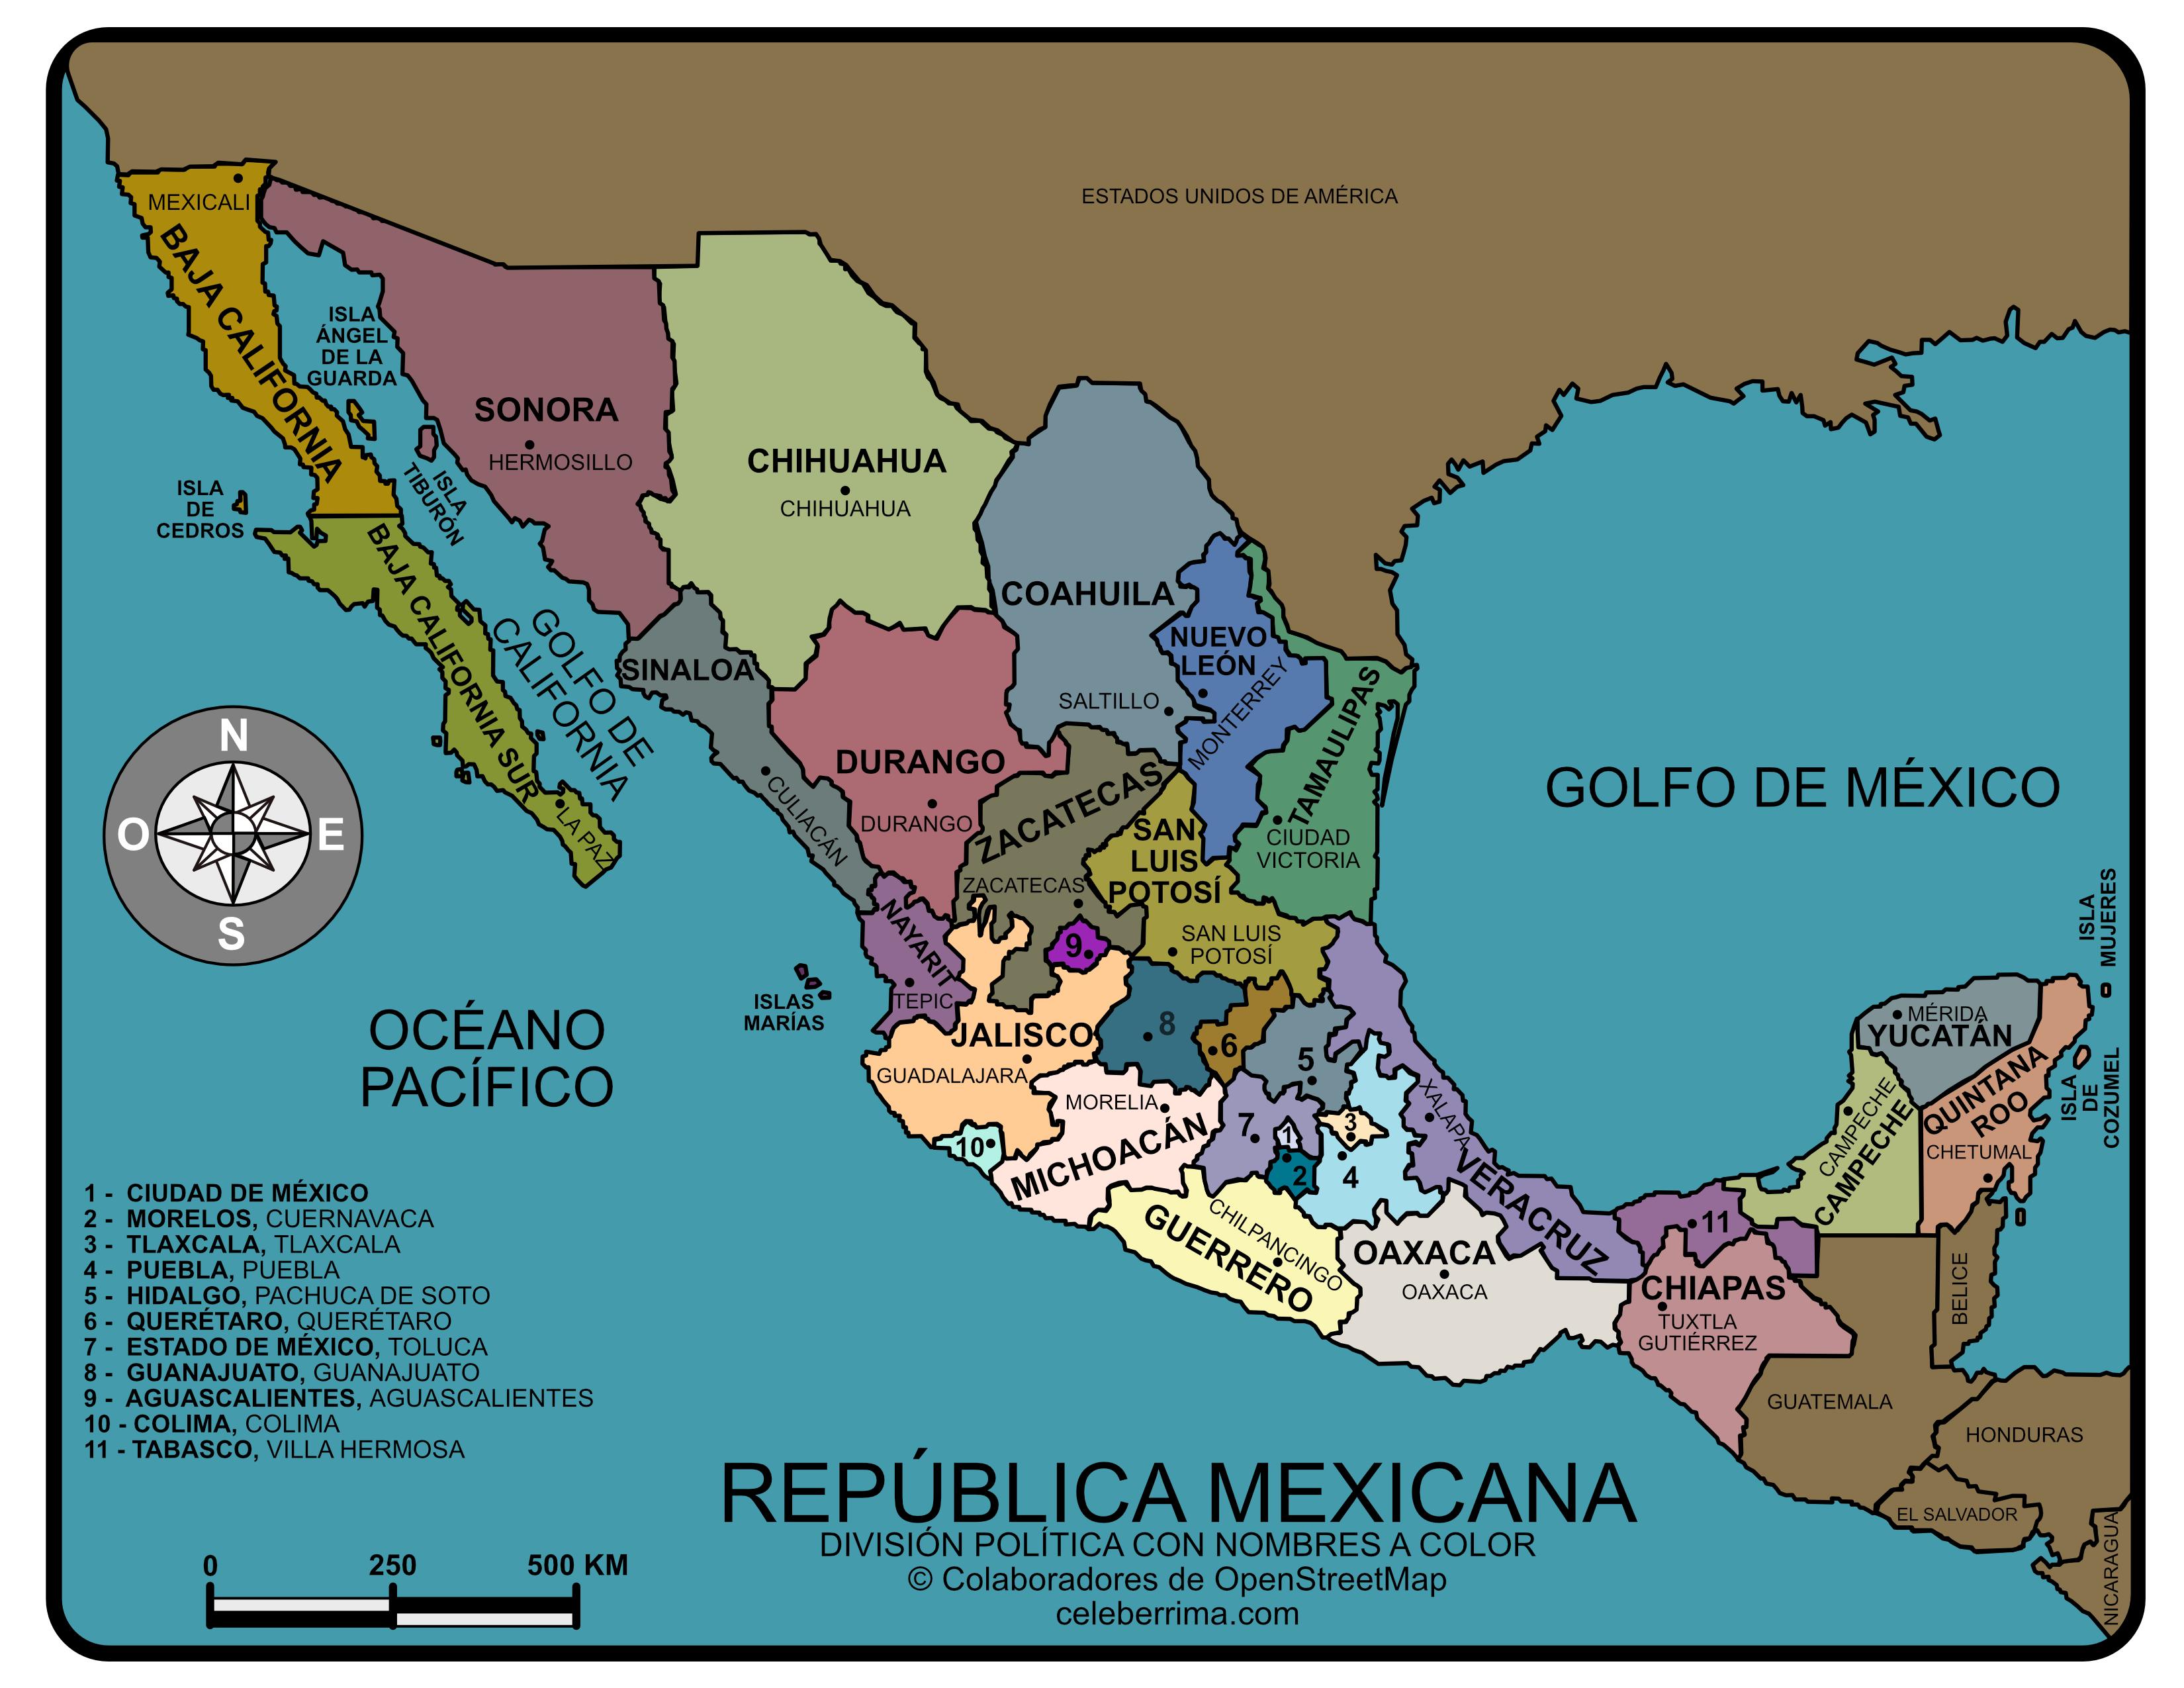 Mapa Republica Mexicana Con Nombres Y Division Politica Para